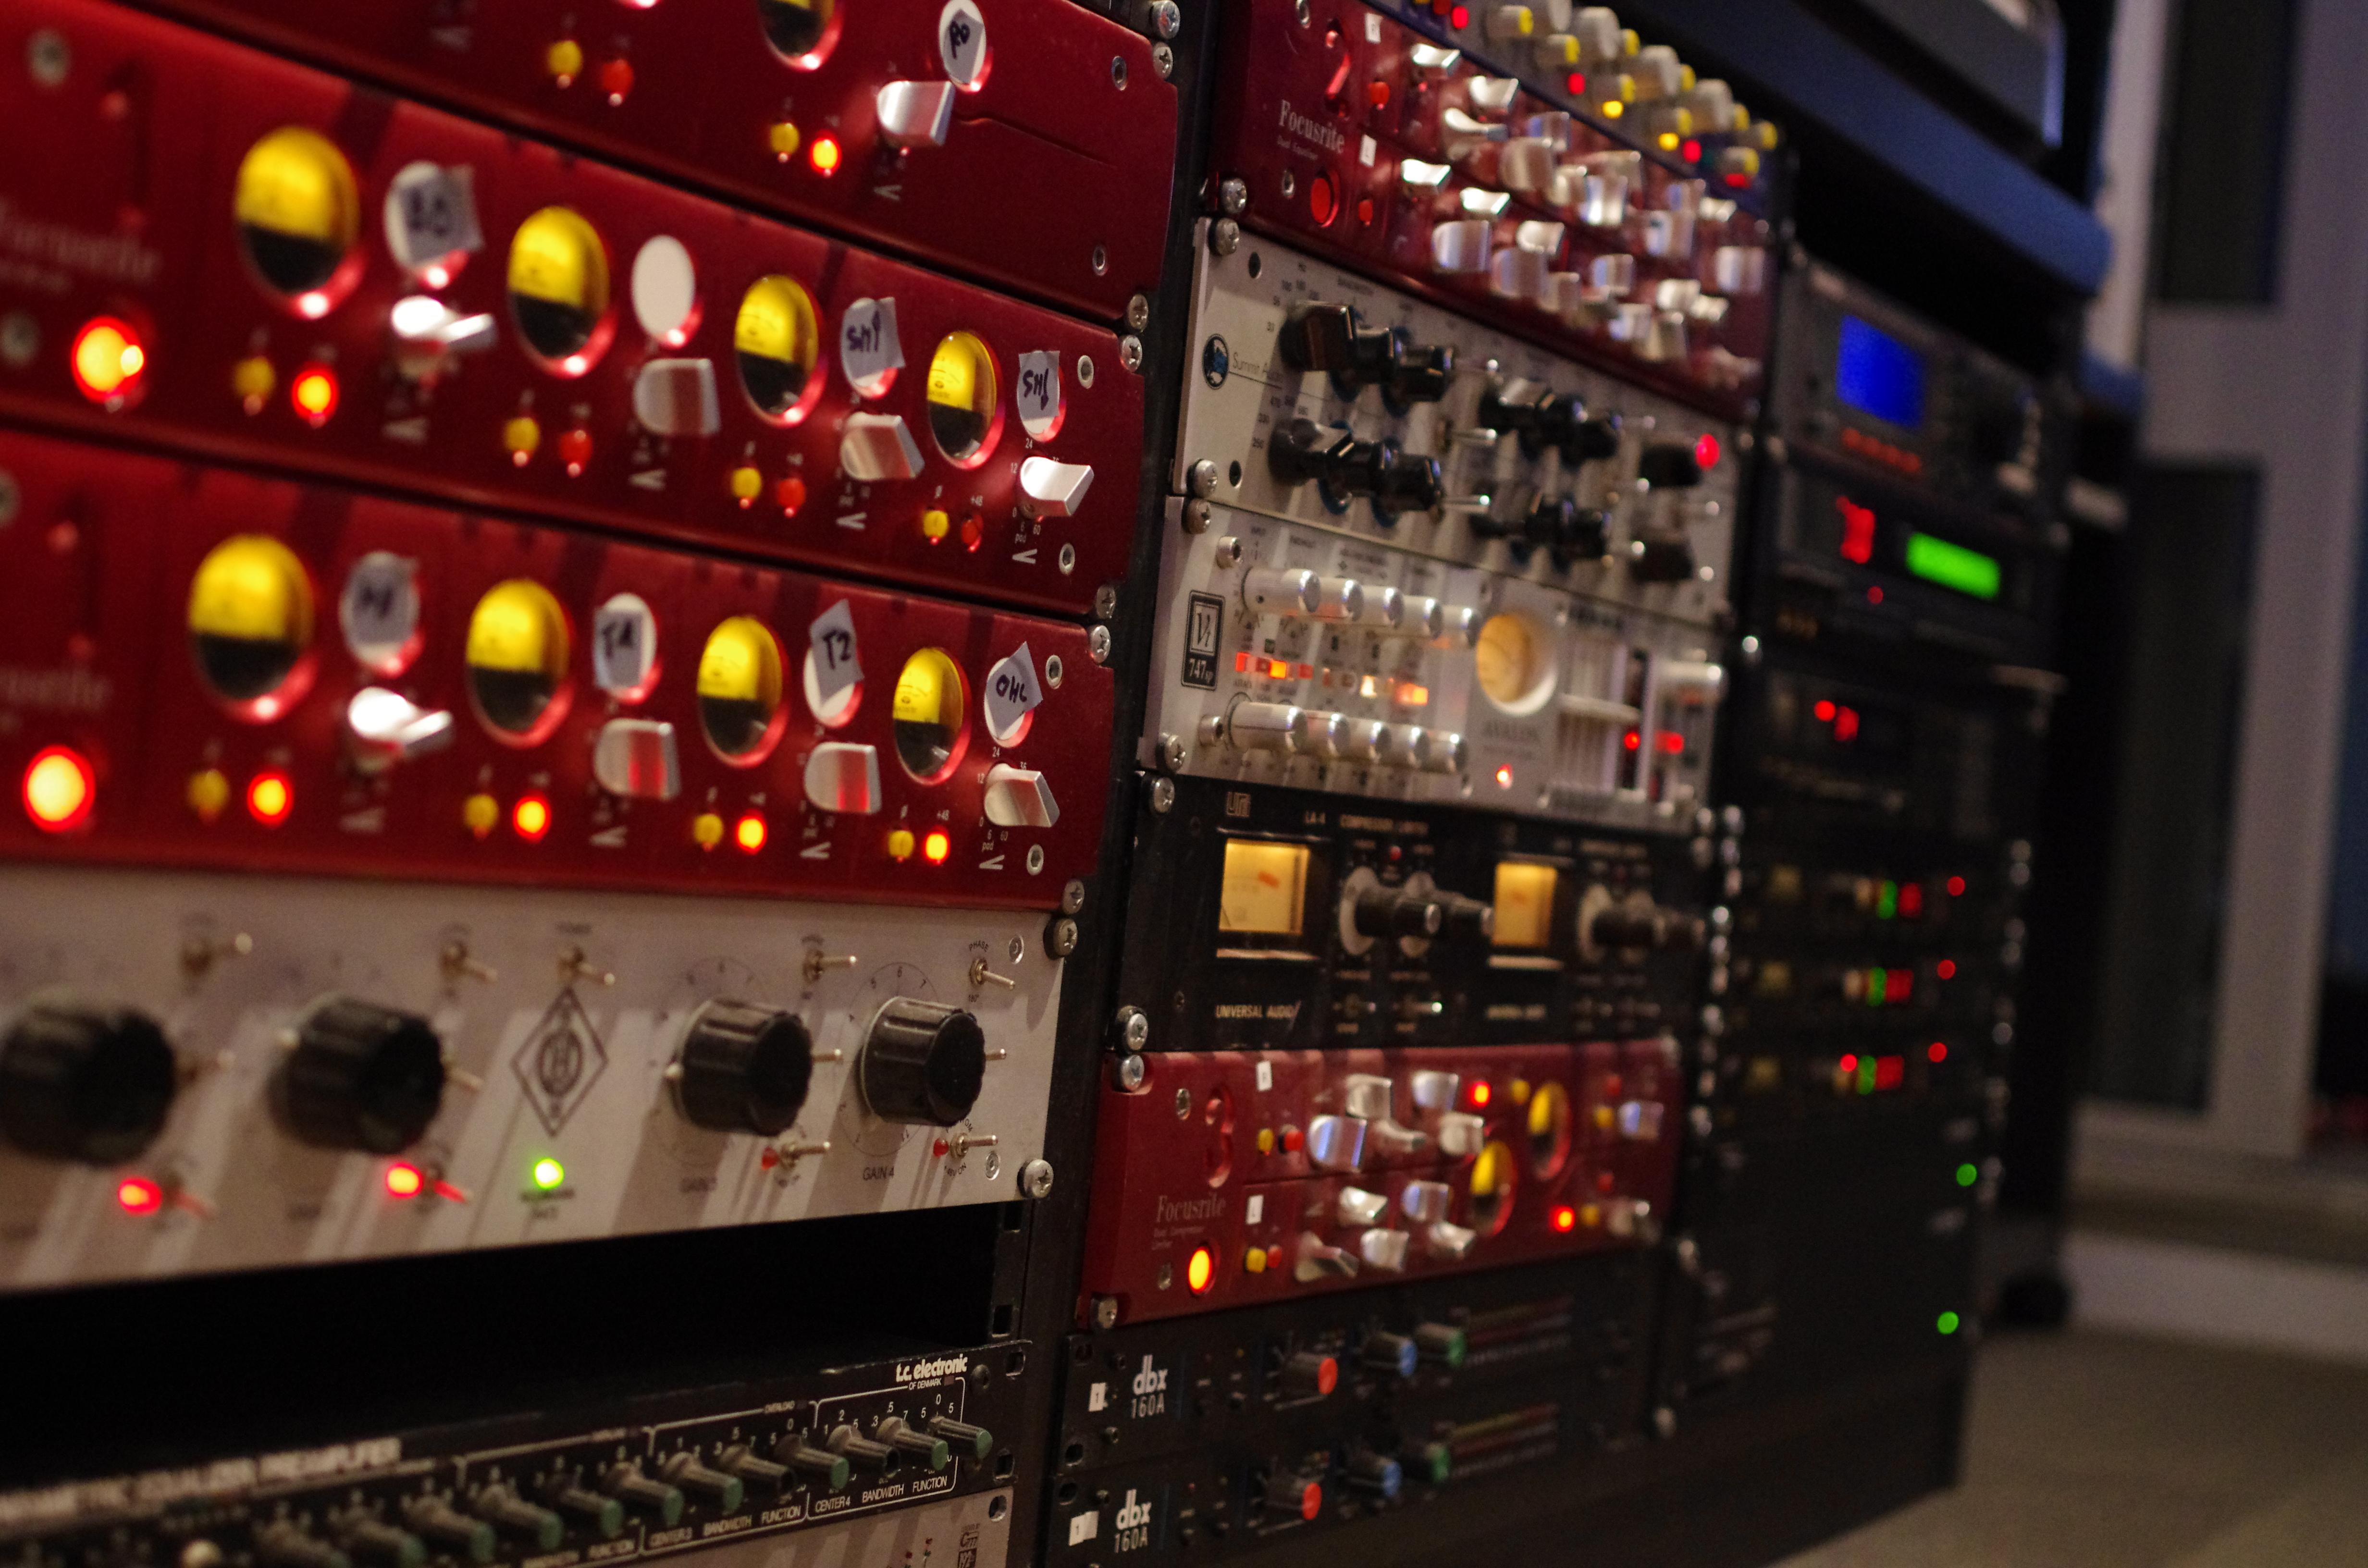 photo millenium audio recording 12